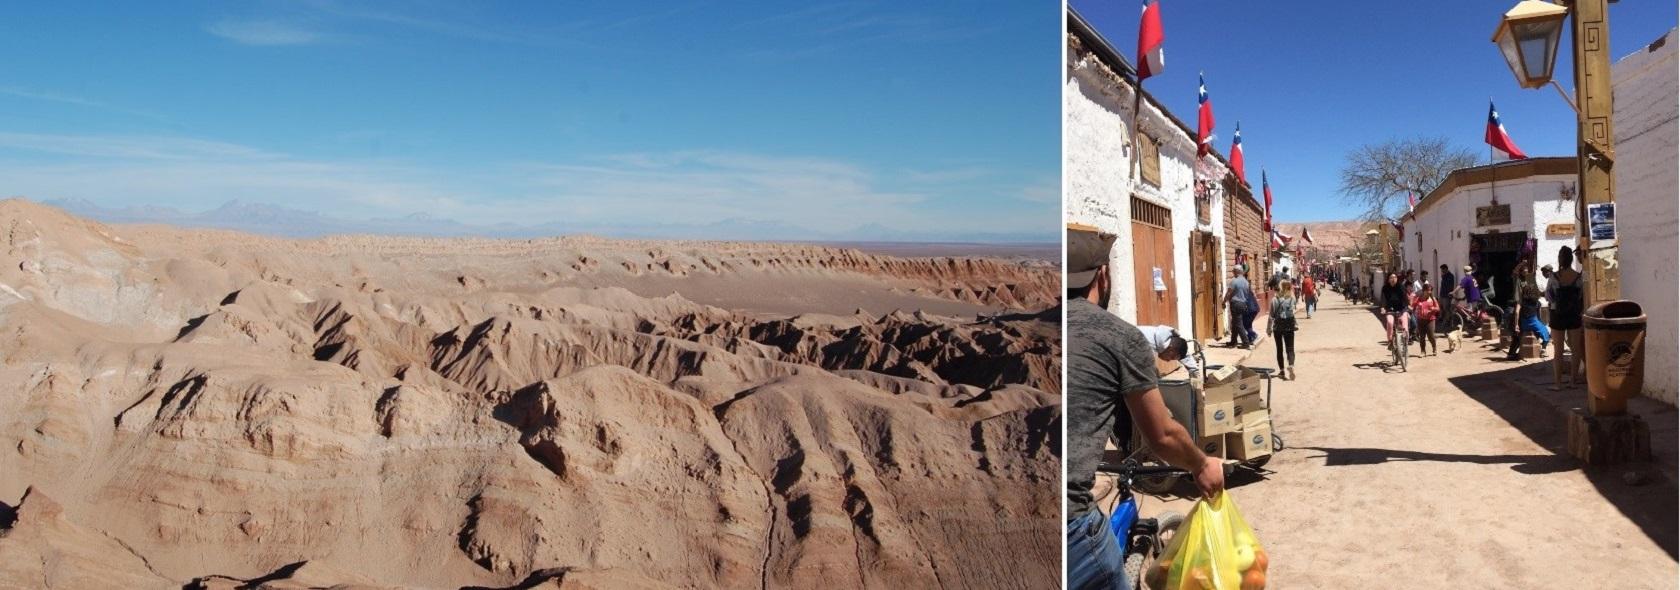 San Pedro de Atacama Town Blog November Desert Chile